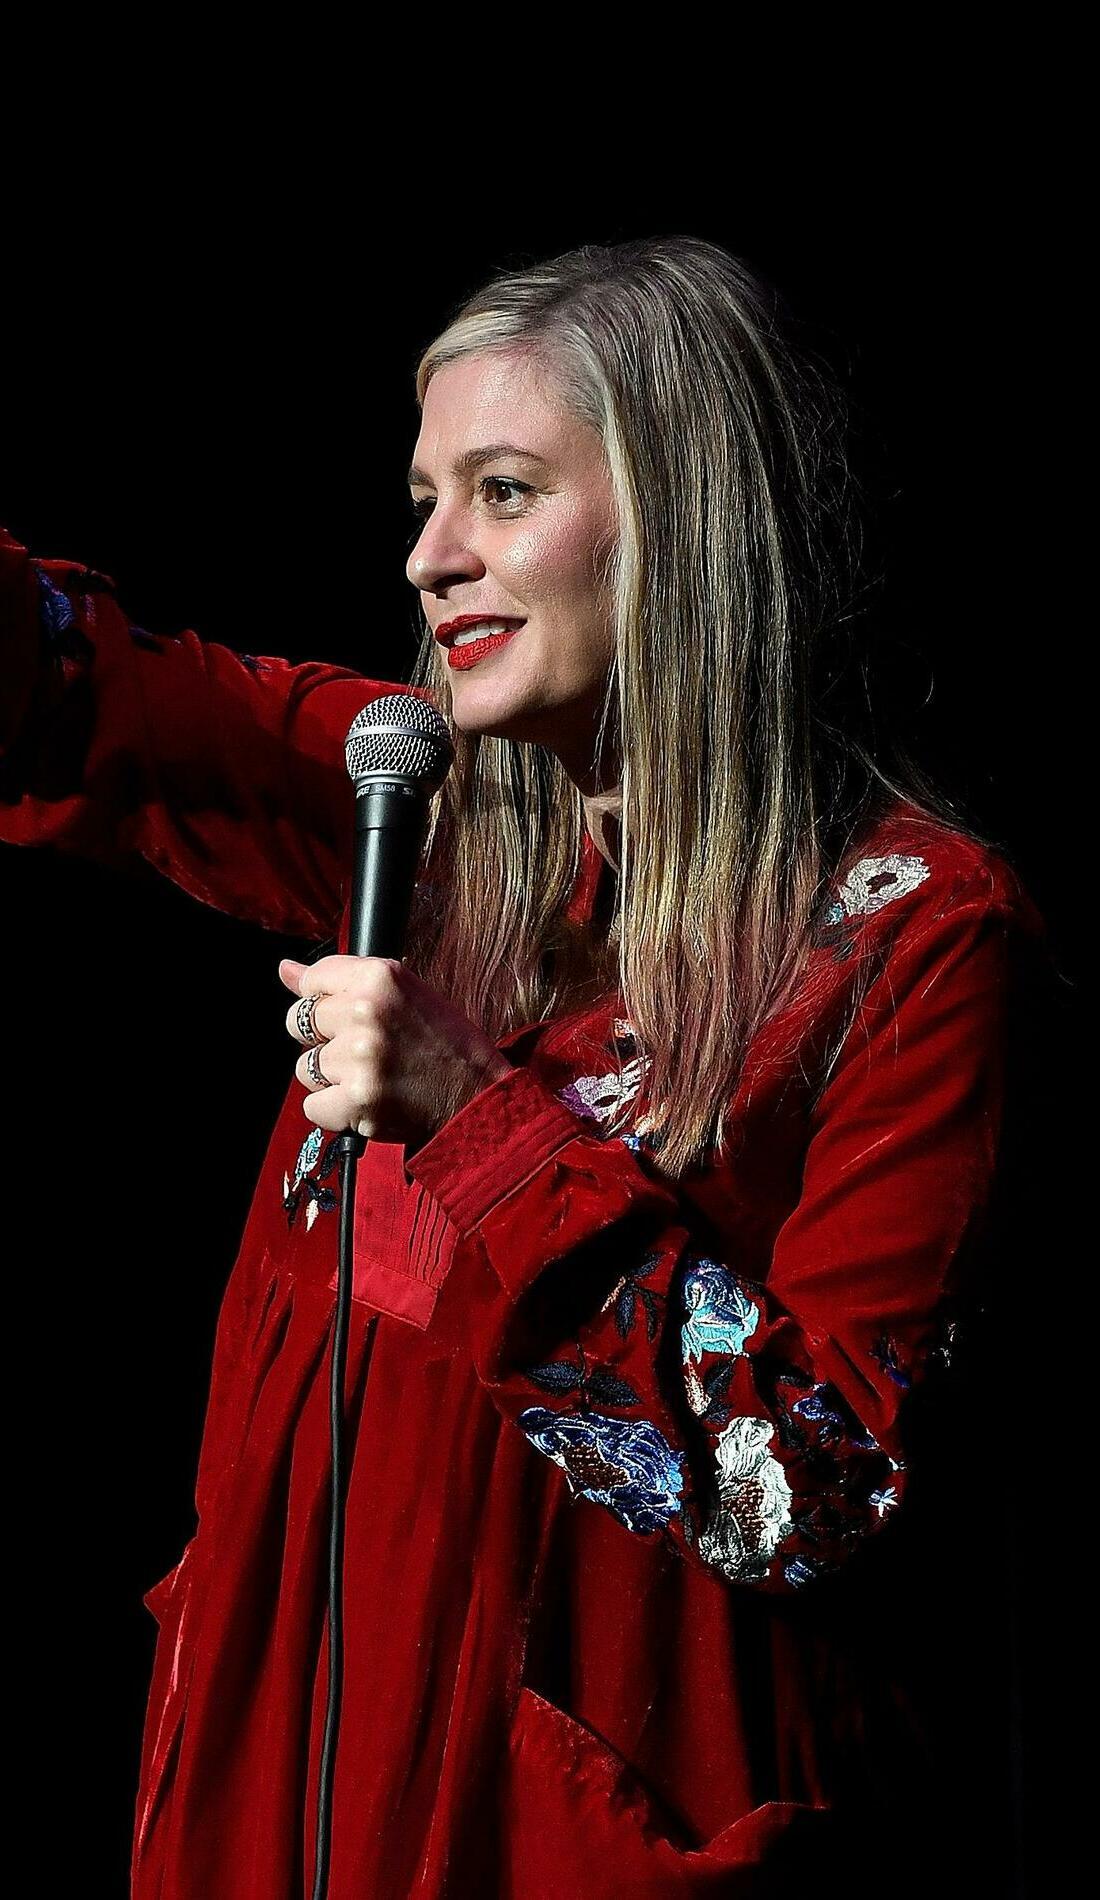 A Christina Pazsitzky live event